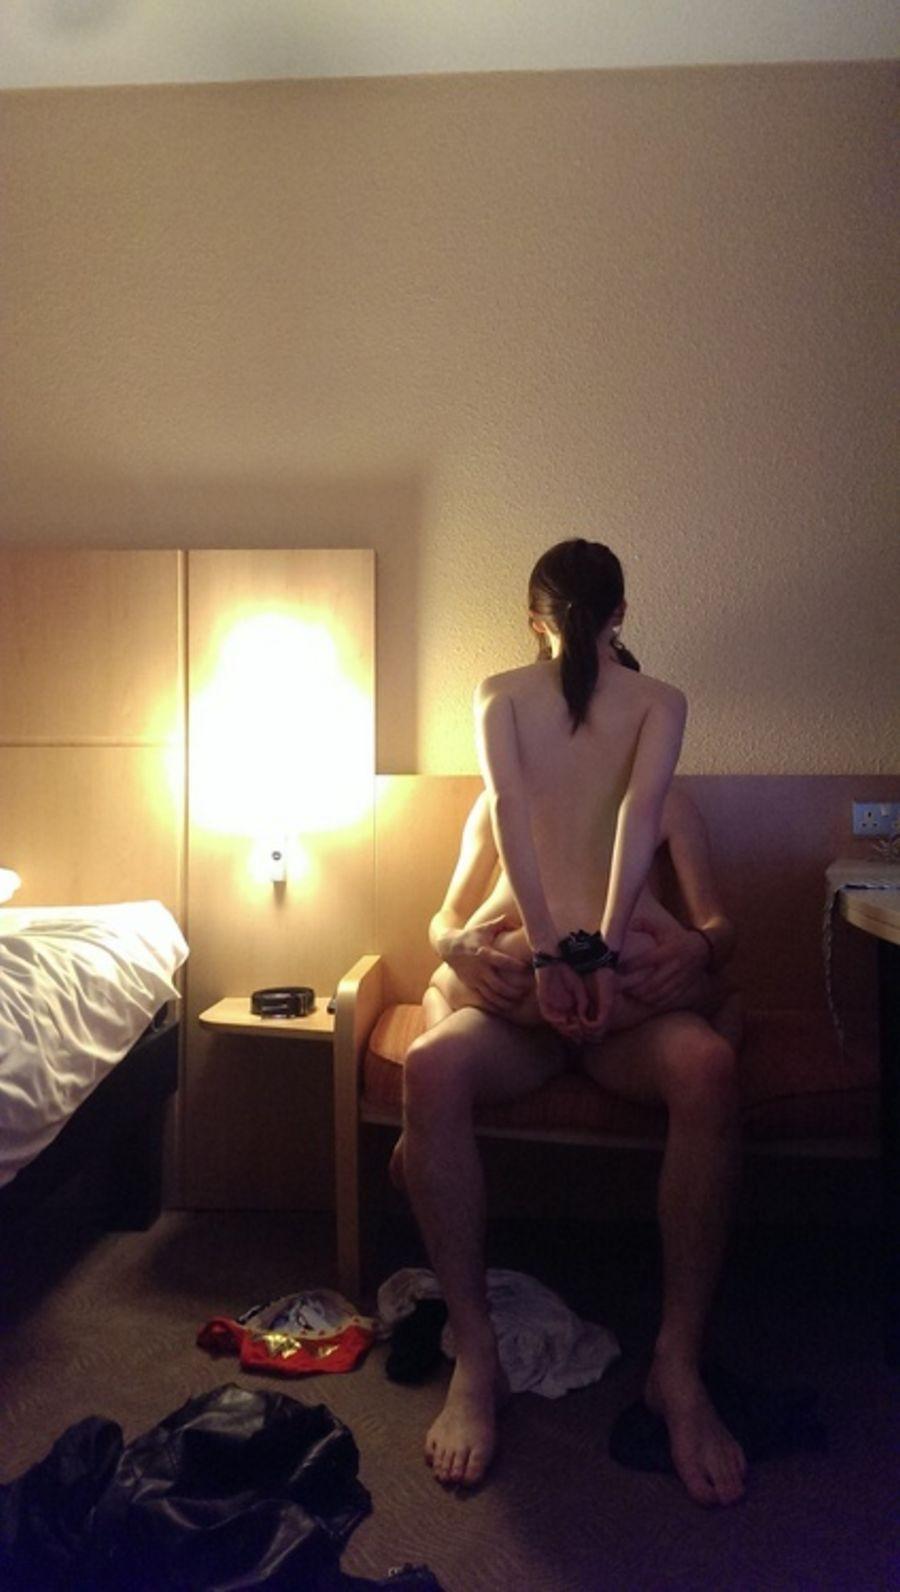 【性交エロ画像】だいしゅきホールドしてますか?密着するなら対面座位!(;゚Д゚)